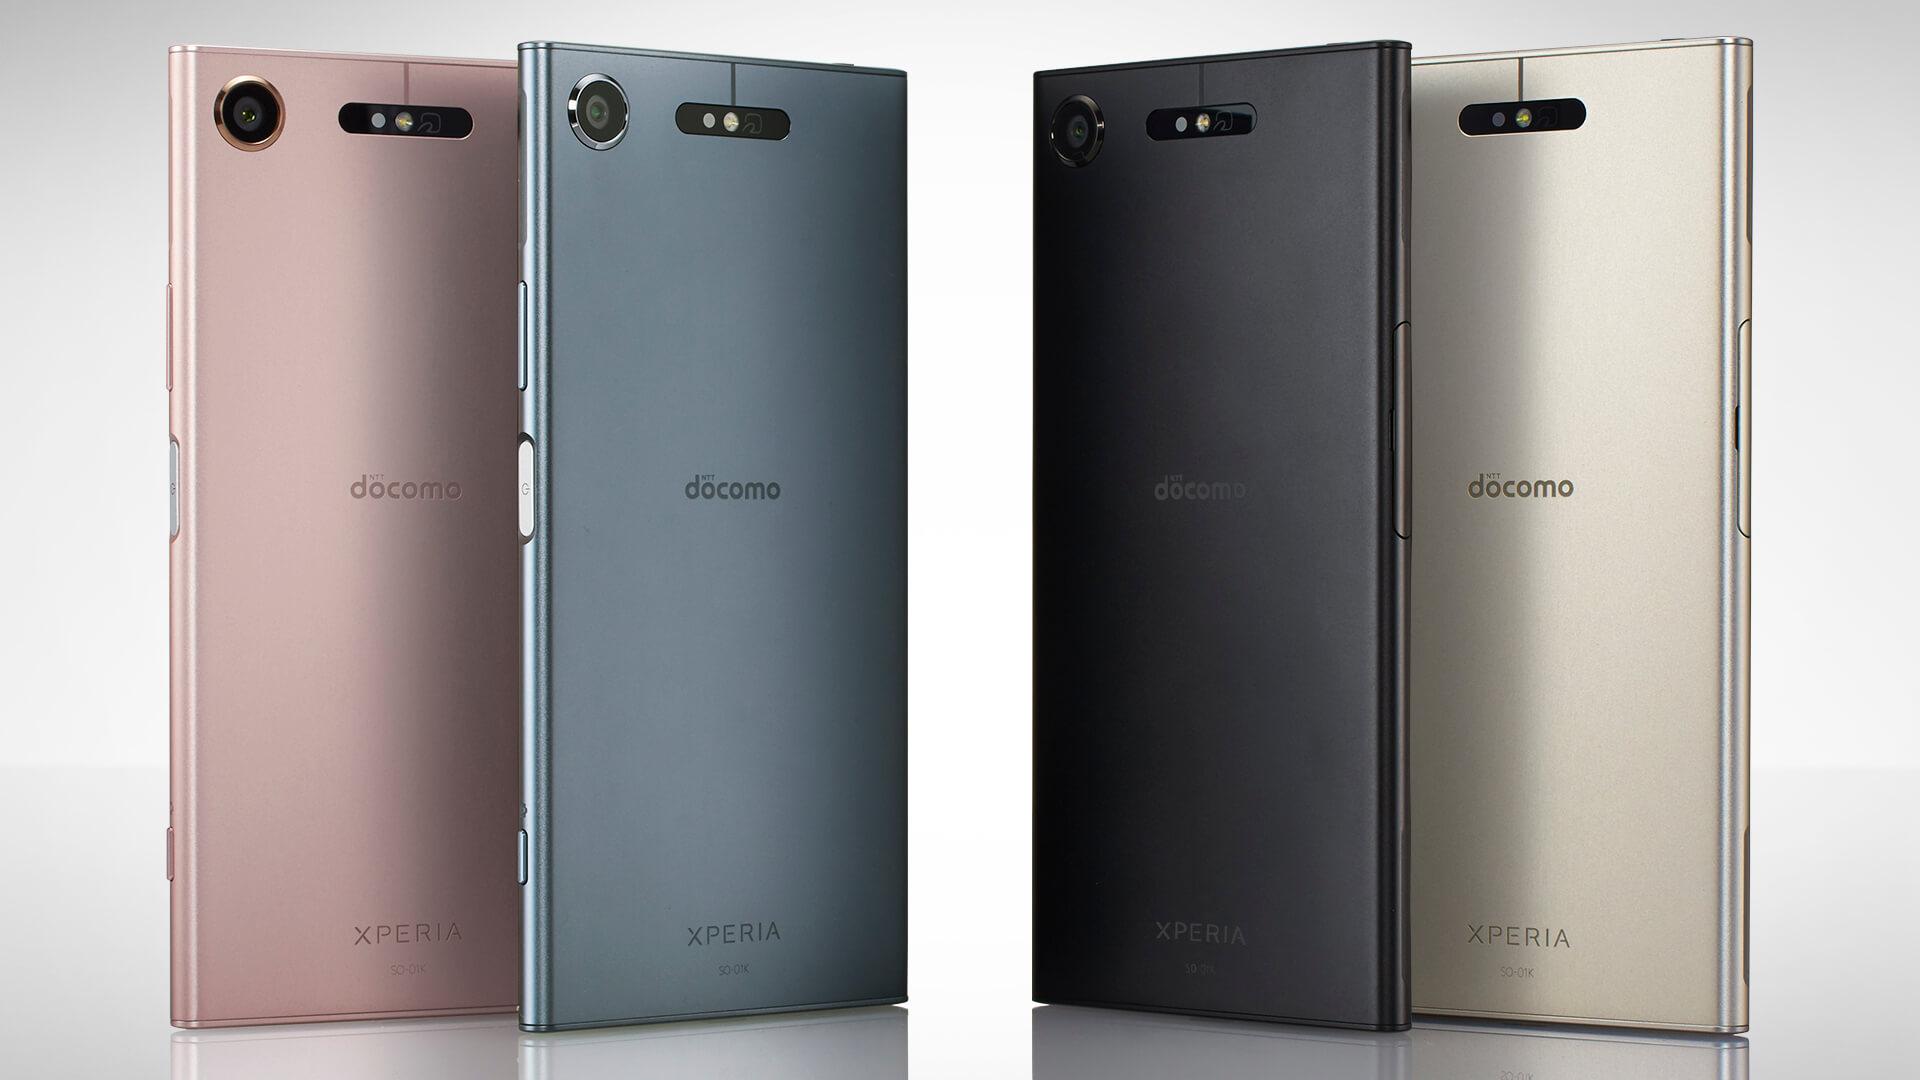 ドコモ「Xperia XZ1 SO-01K」を発表。11月上旬発売で本体価格は86,184円